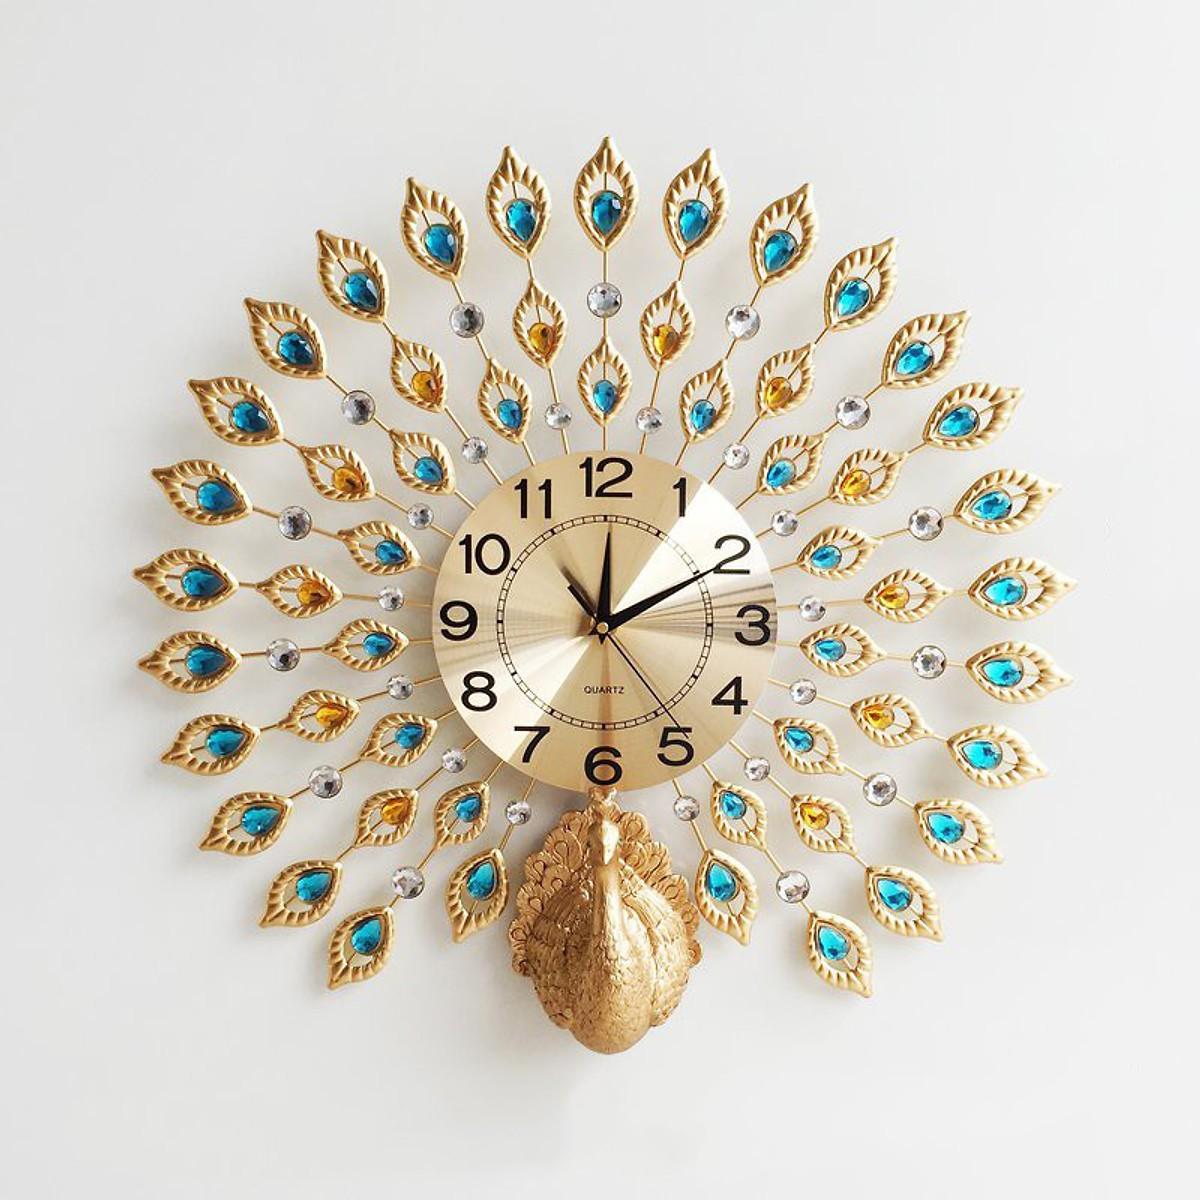 Đồng hồ treo tường trang trí chim công (DNS-08)